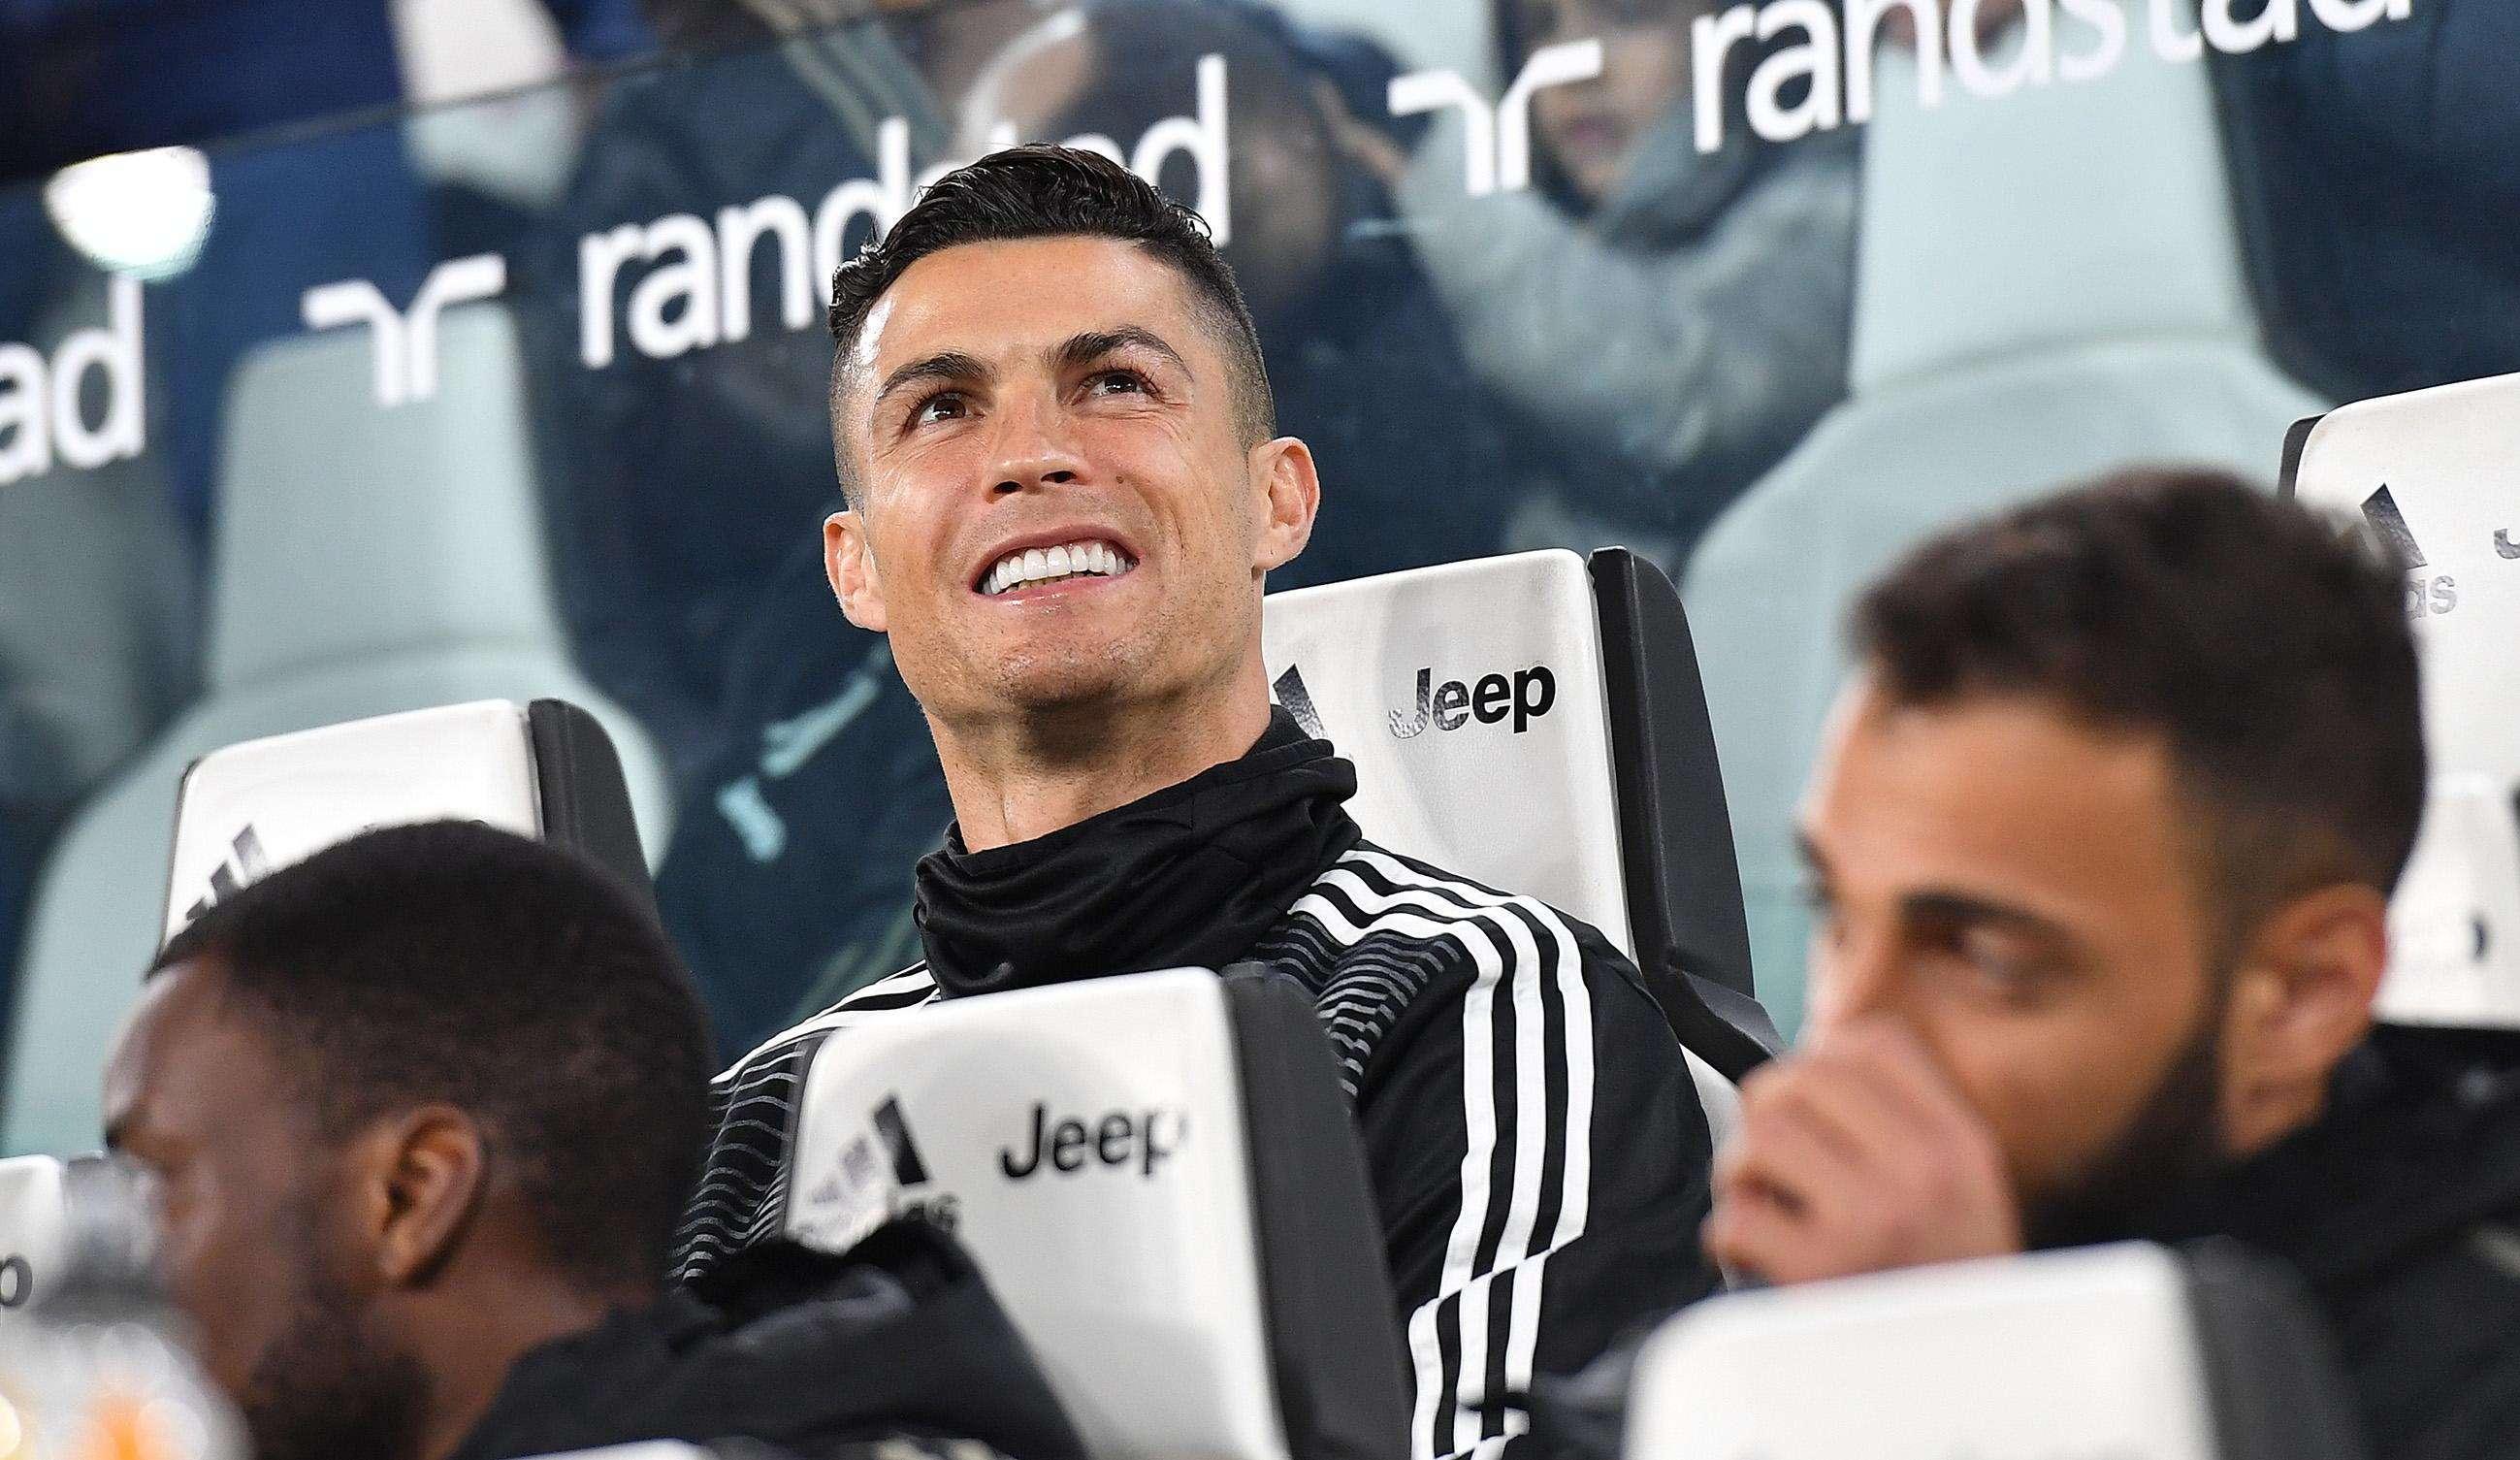 Los abogados de Ronaldo ganaron el recurso legal para impedir que la mujer acuse a CR7 de haberla violado. Foto: EFE